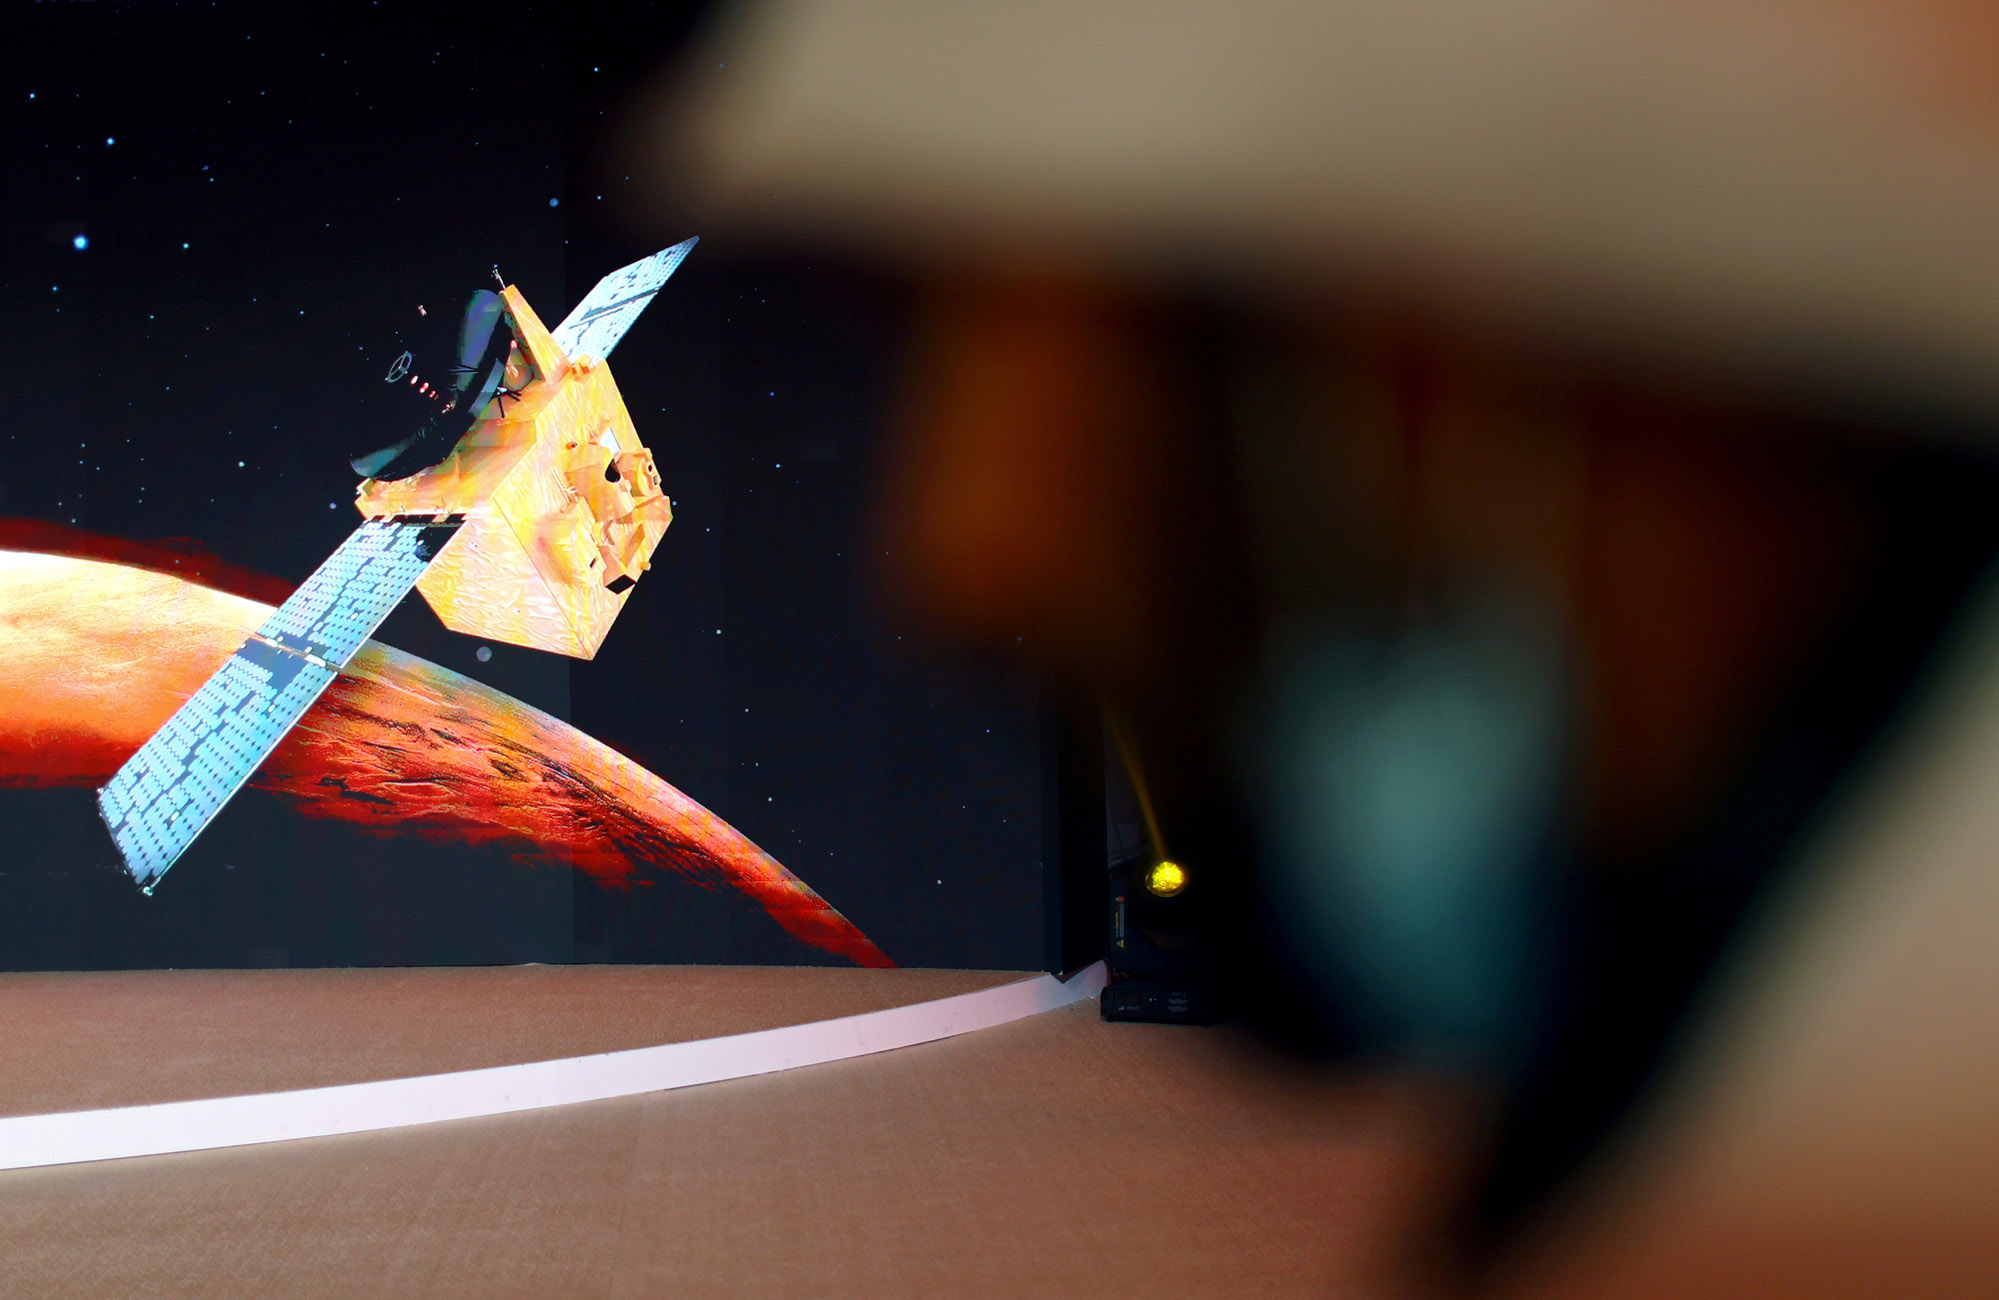 Σε τροχιά γύρω από τον Άρη το πρώτο αραβικό ρομποτικό σκάφος